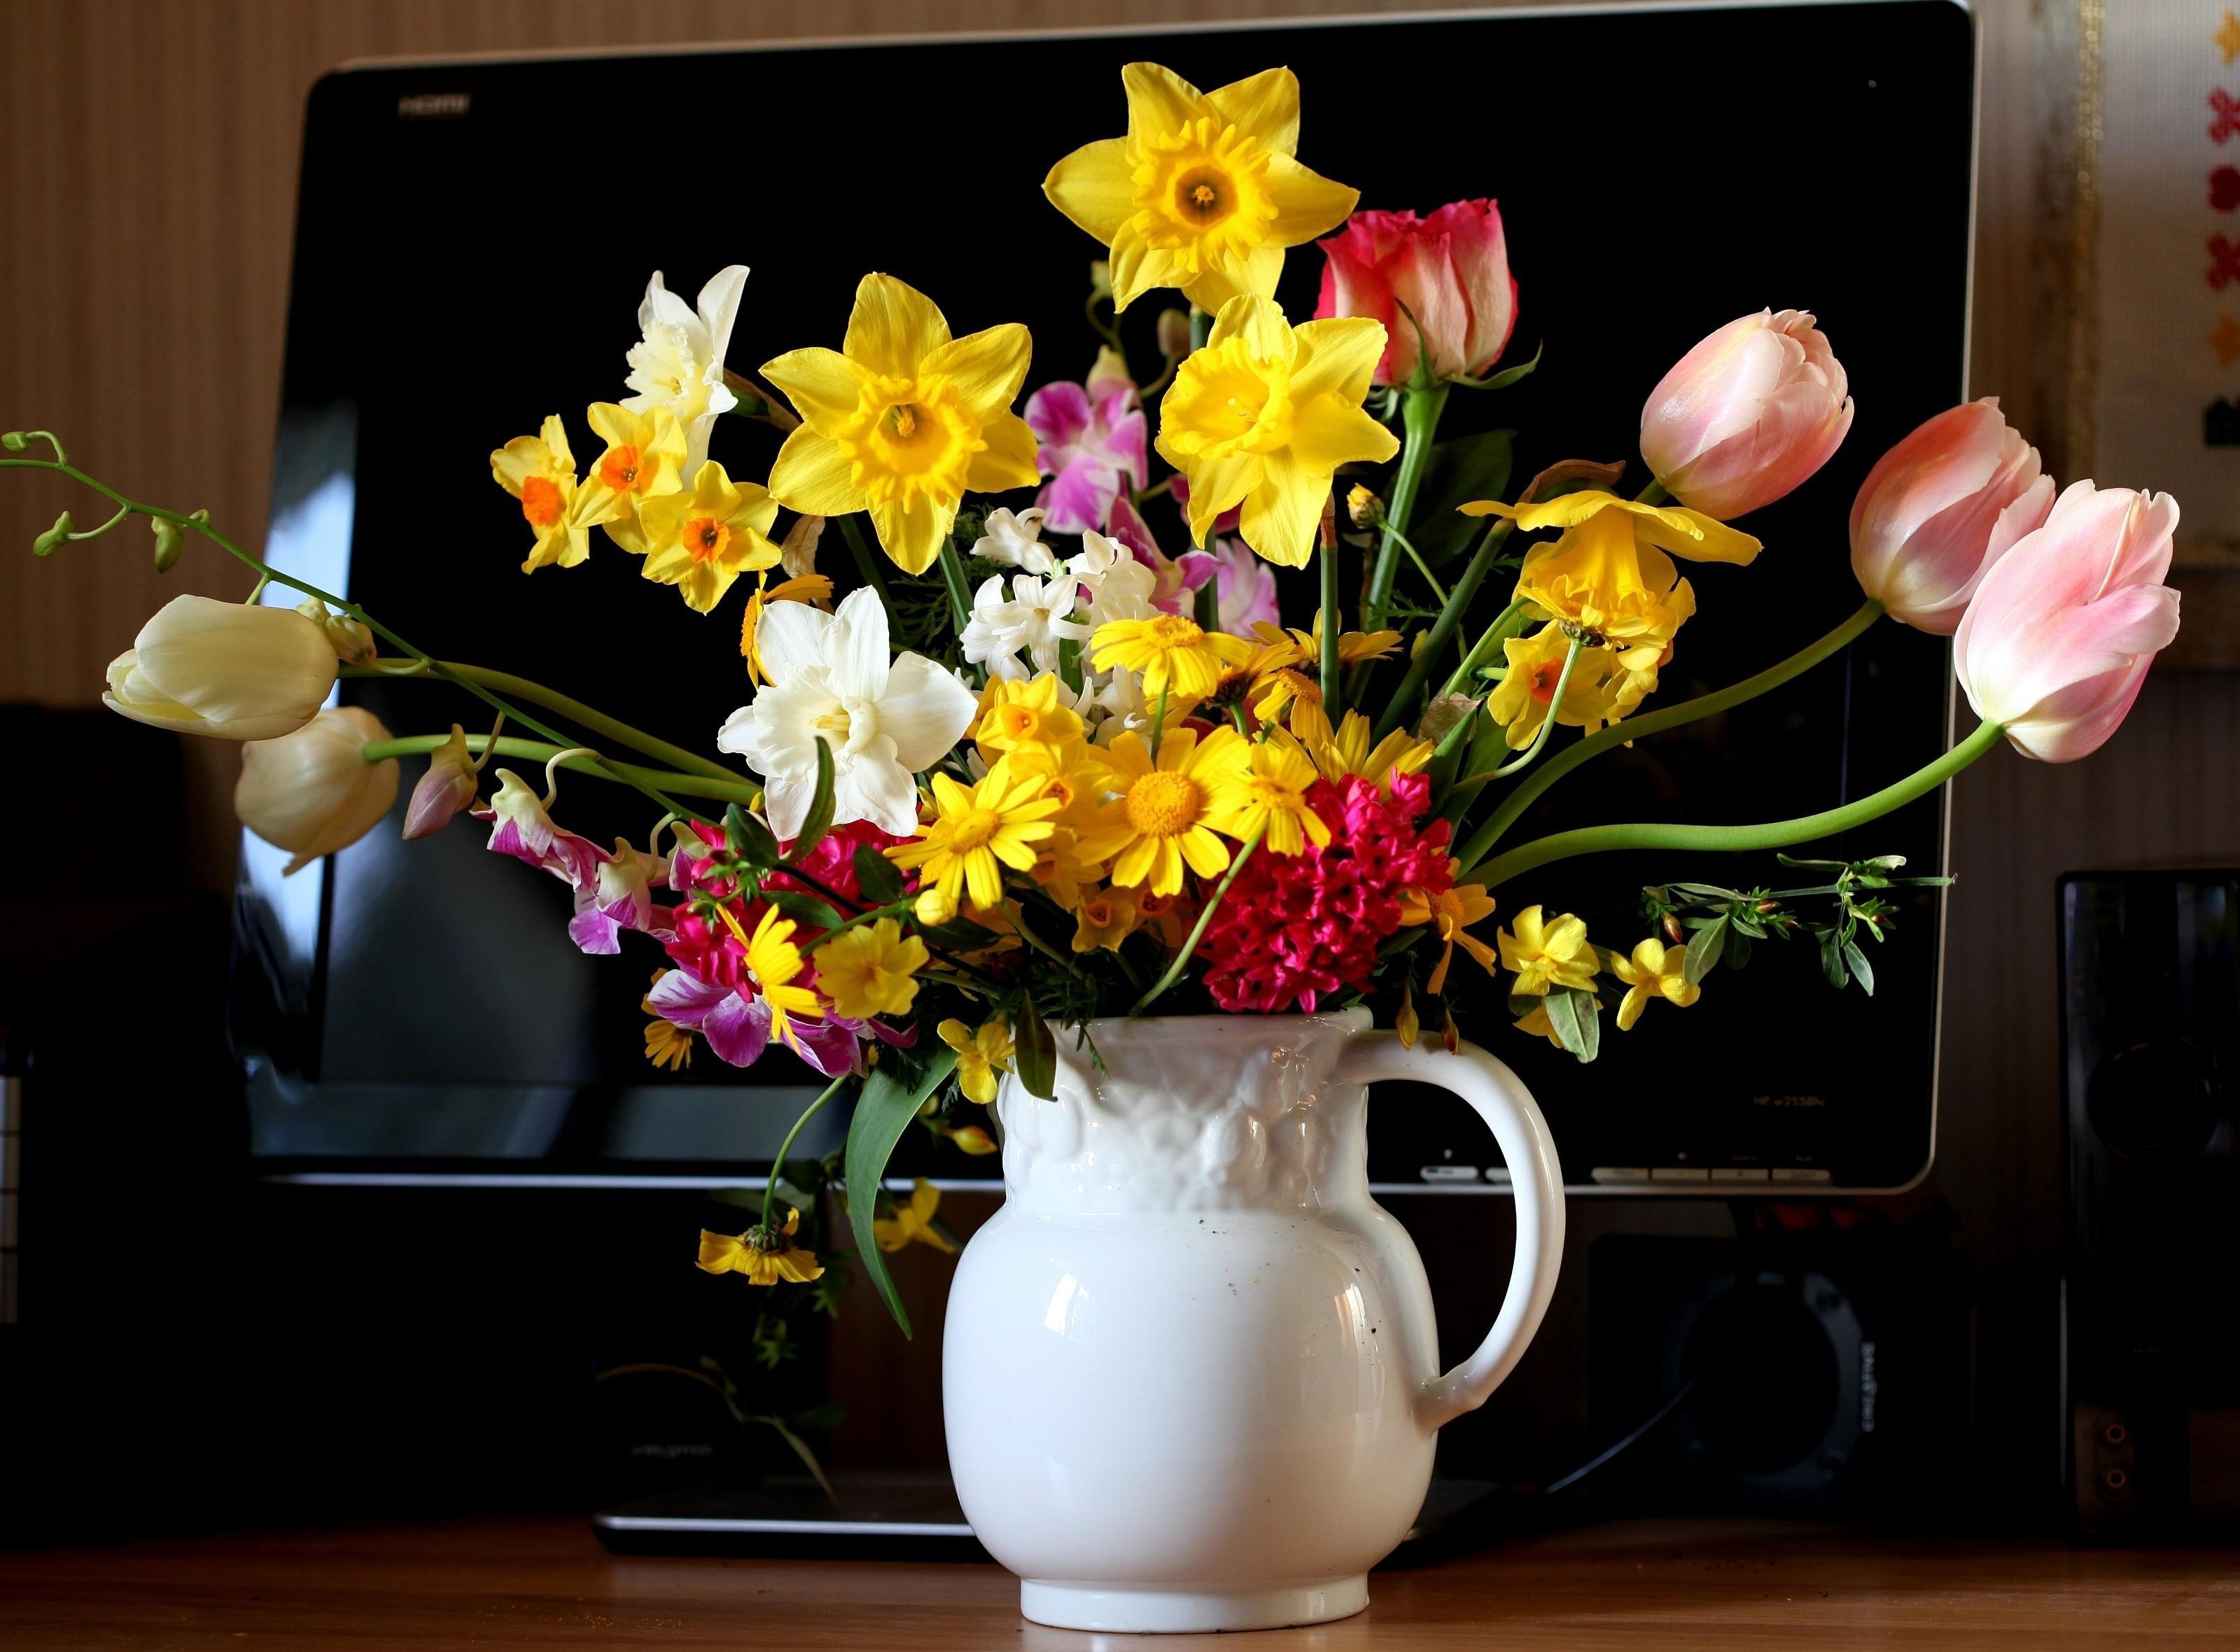 56385 Заставки и Обои Нарциссы на телефон. Скачать Цветы, Тюльпаны, Нарциссы, Гиацинт, Букет, Кувшин, Монитор картинки бесплатно